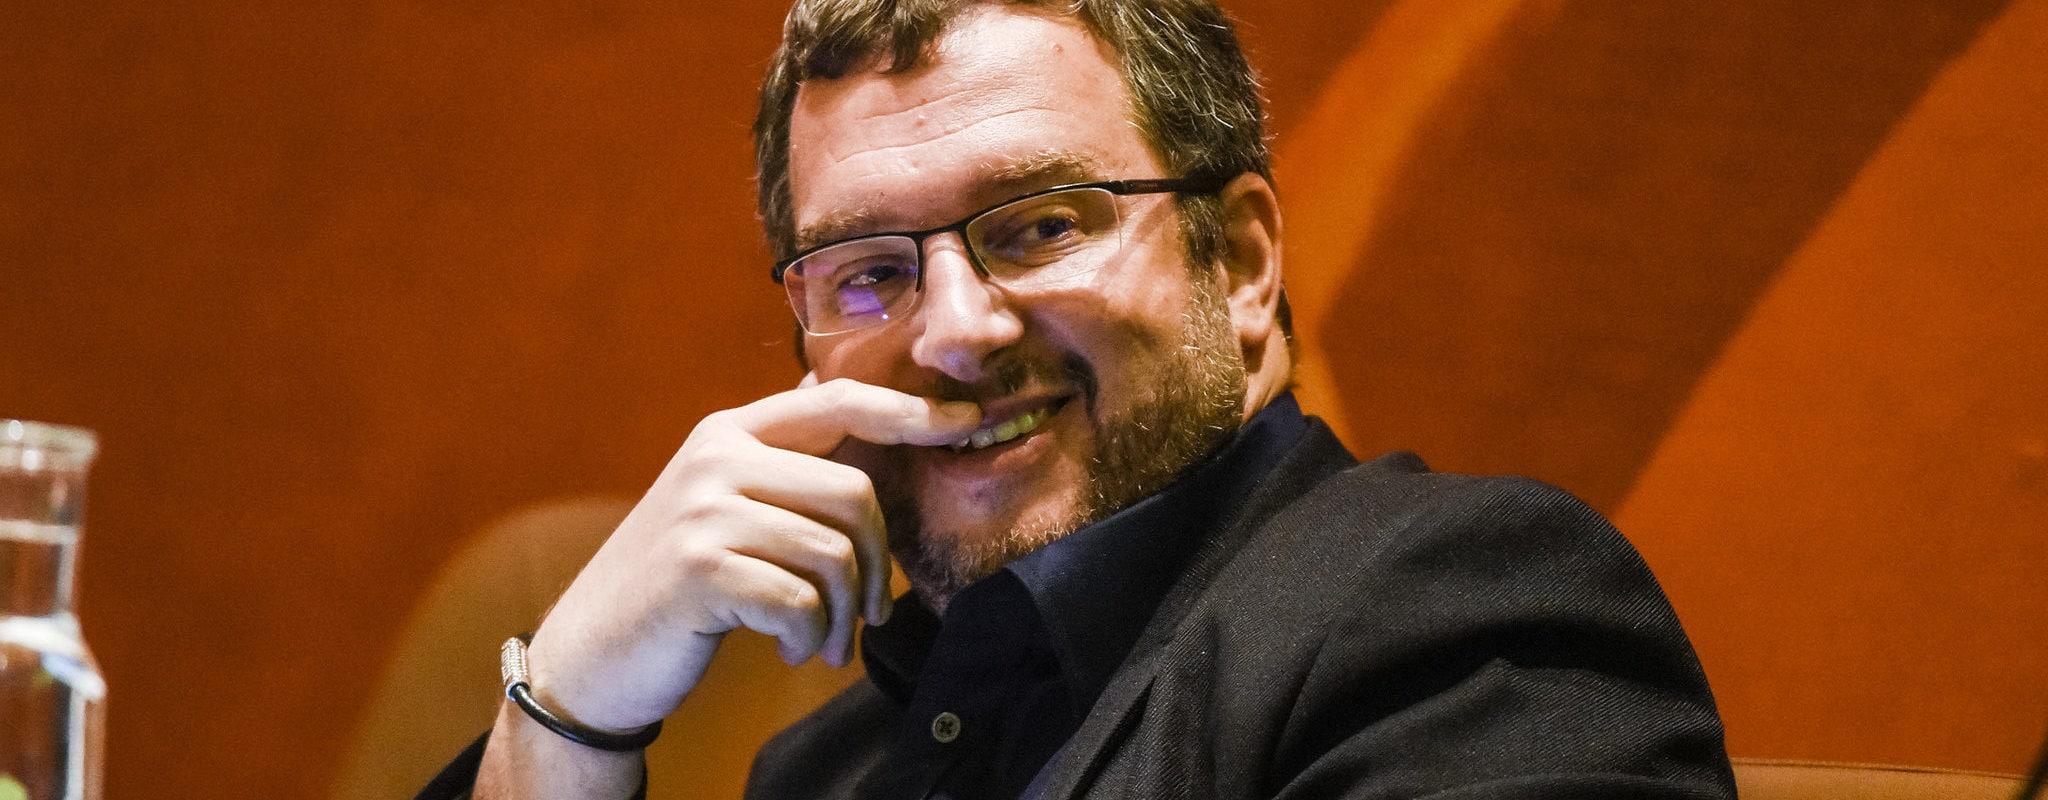 Municipales : Mathieu Cahn chargé de conduire la liste socialiste à Strasbourg